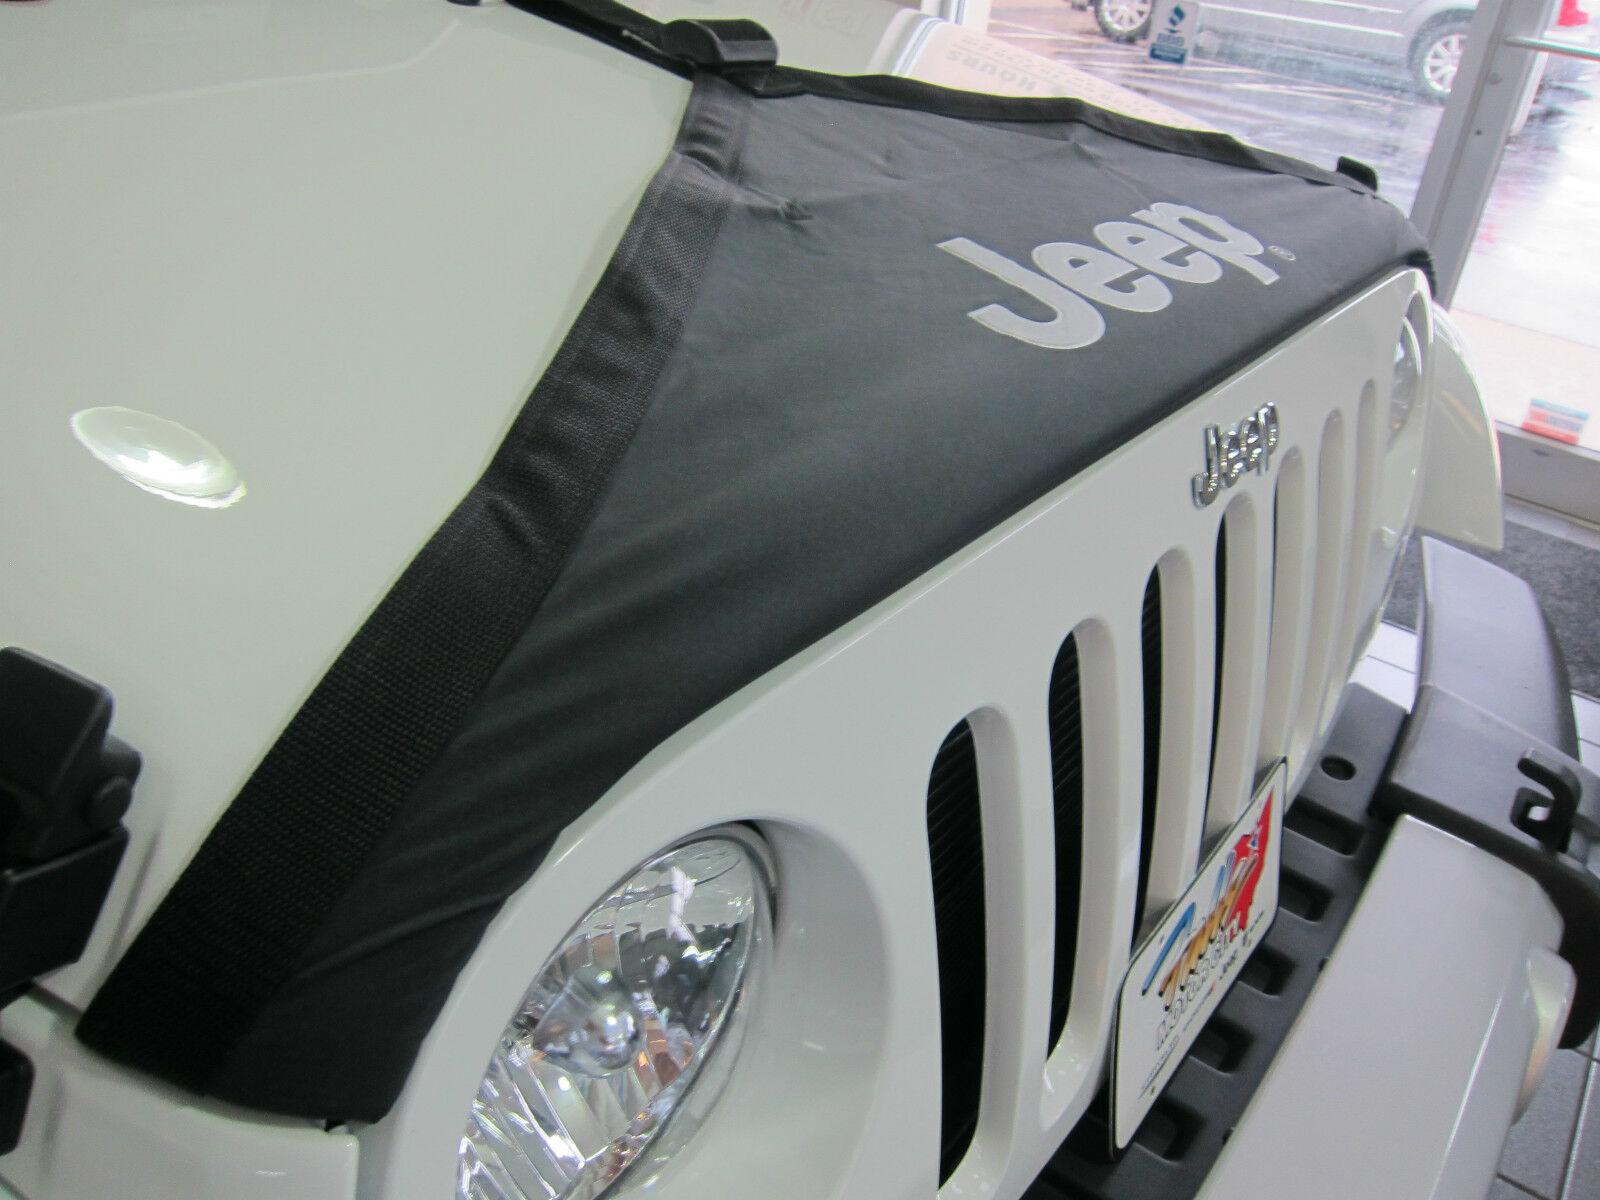 2007 2018 Jeep Wrangler Jk Hood Cover Front End Bra Protector Kit Suspension Diagram Mopar Oem